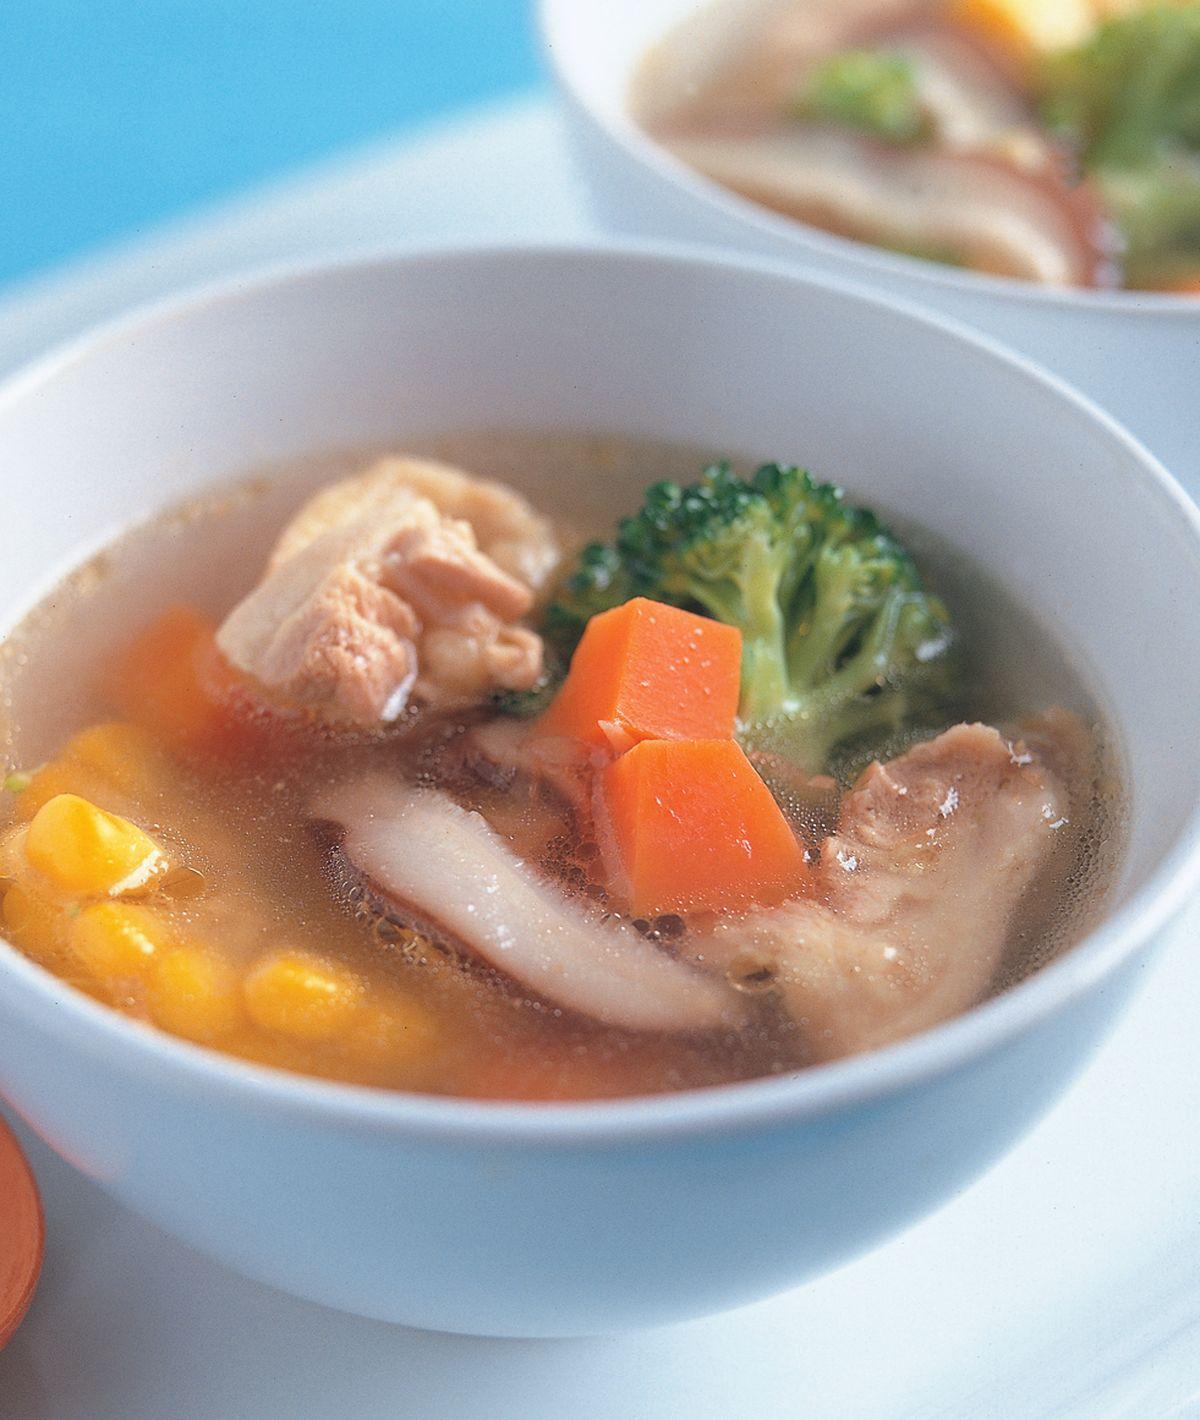 食譜:蔬菜雞腿湯